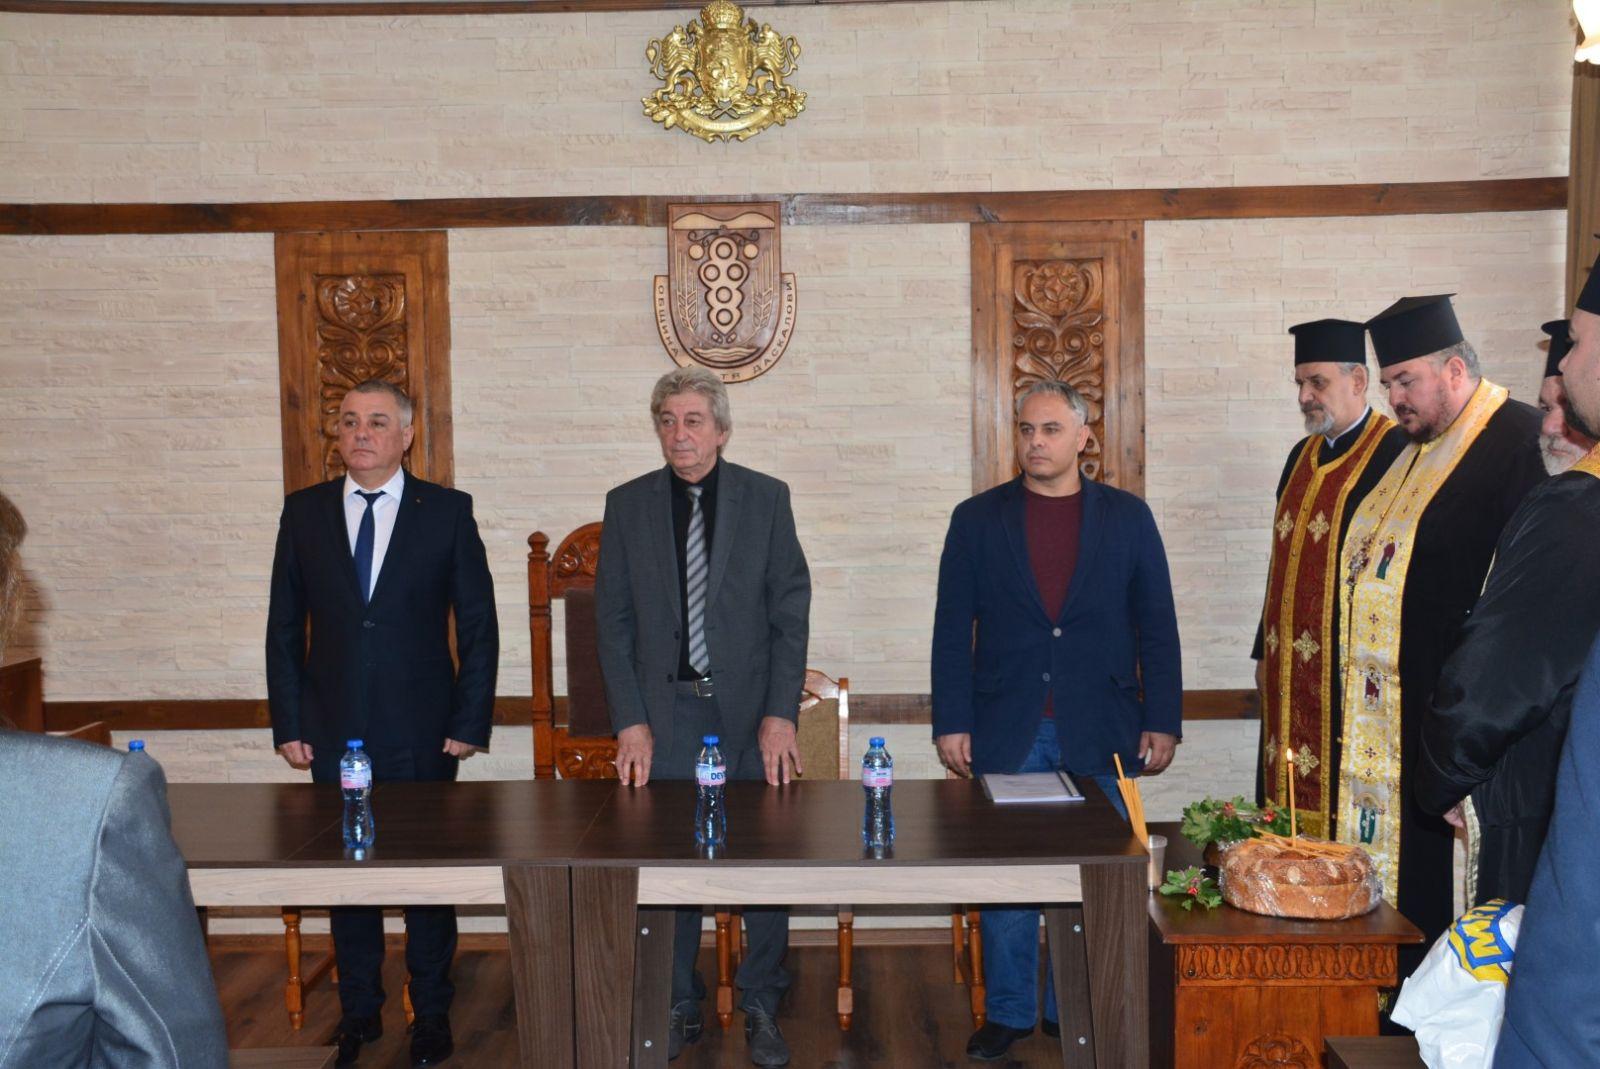 Зам. областният управител Красимир Червилов закле кметовете и общинските съветници от община Братя Даскалови